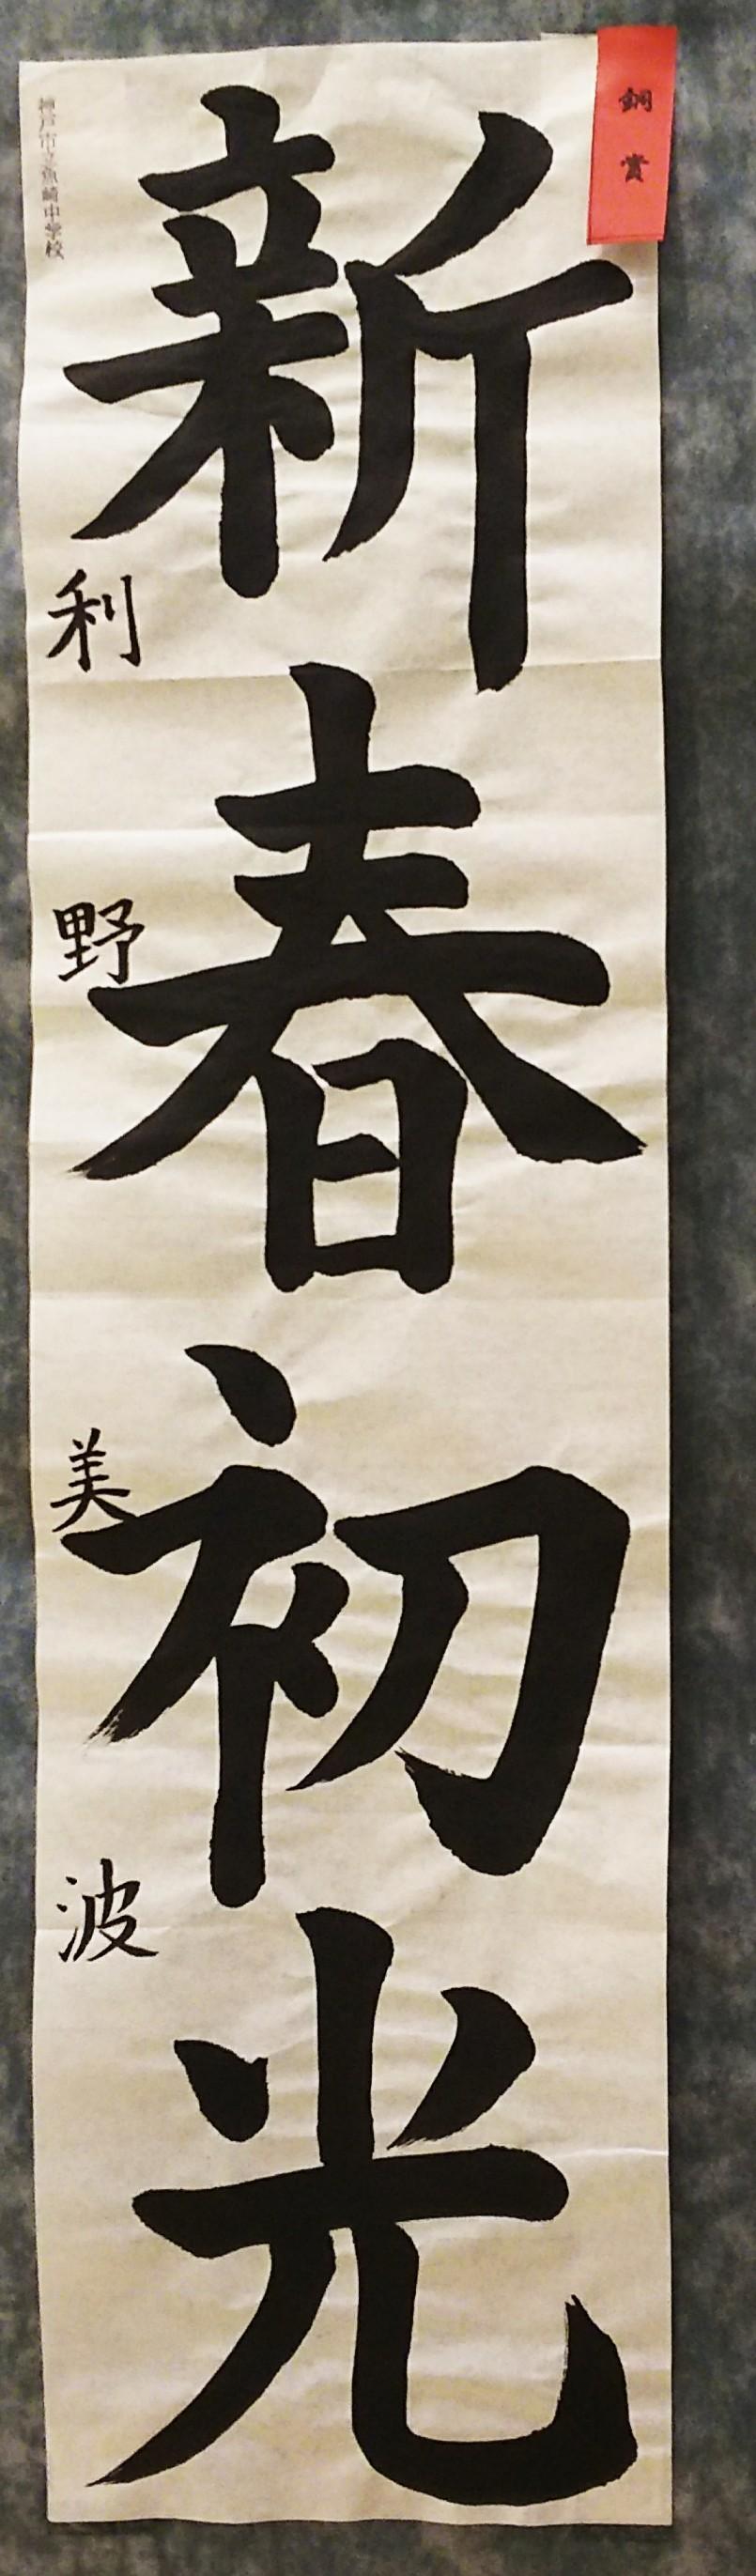 神戸から、神戸市学生書初め展 at そごう_a0098174_18431527.jpg